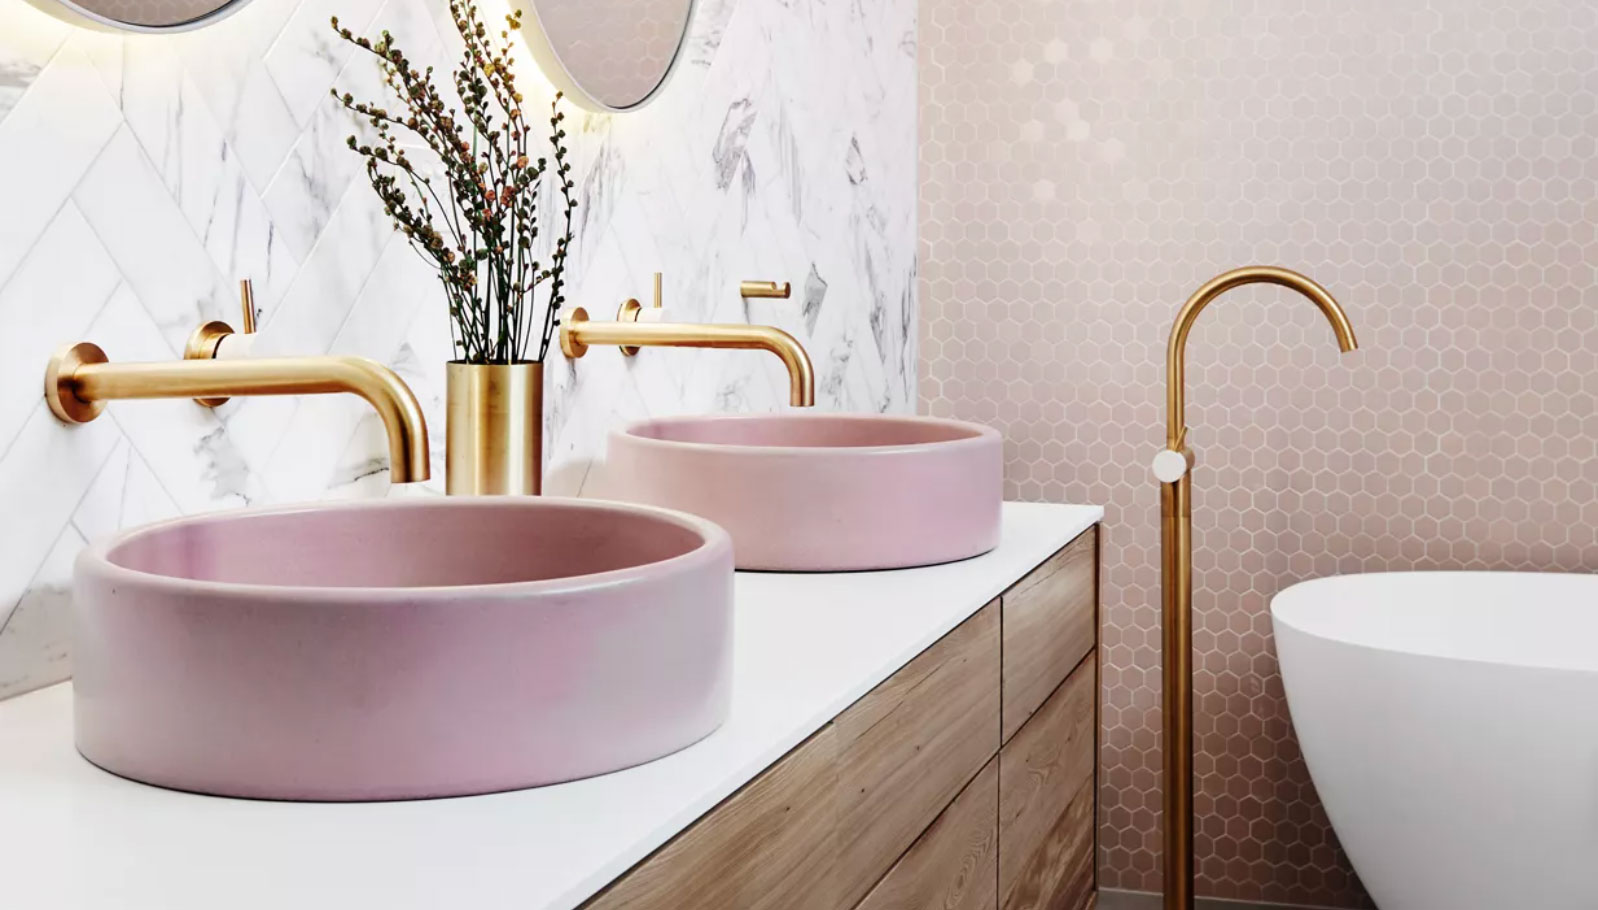 bathroom tile ideas 12 stylish looks